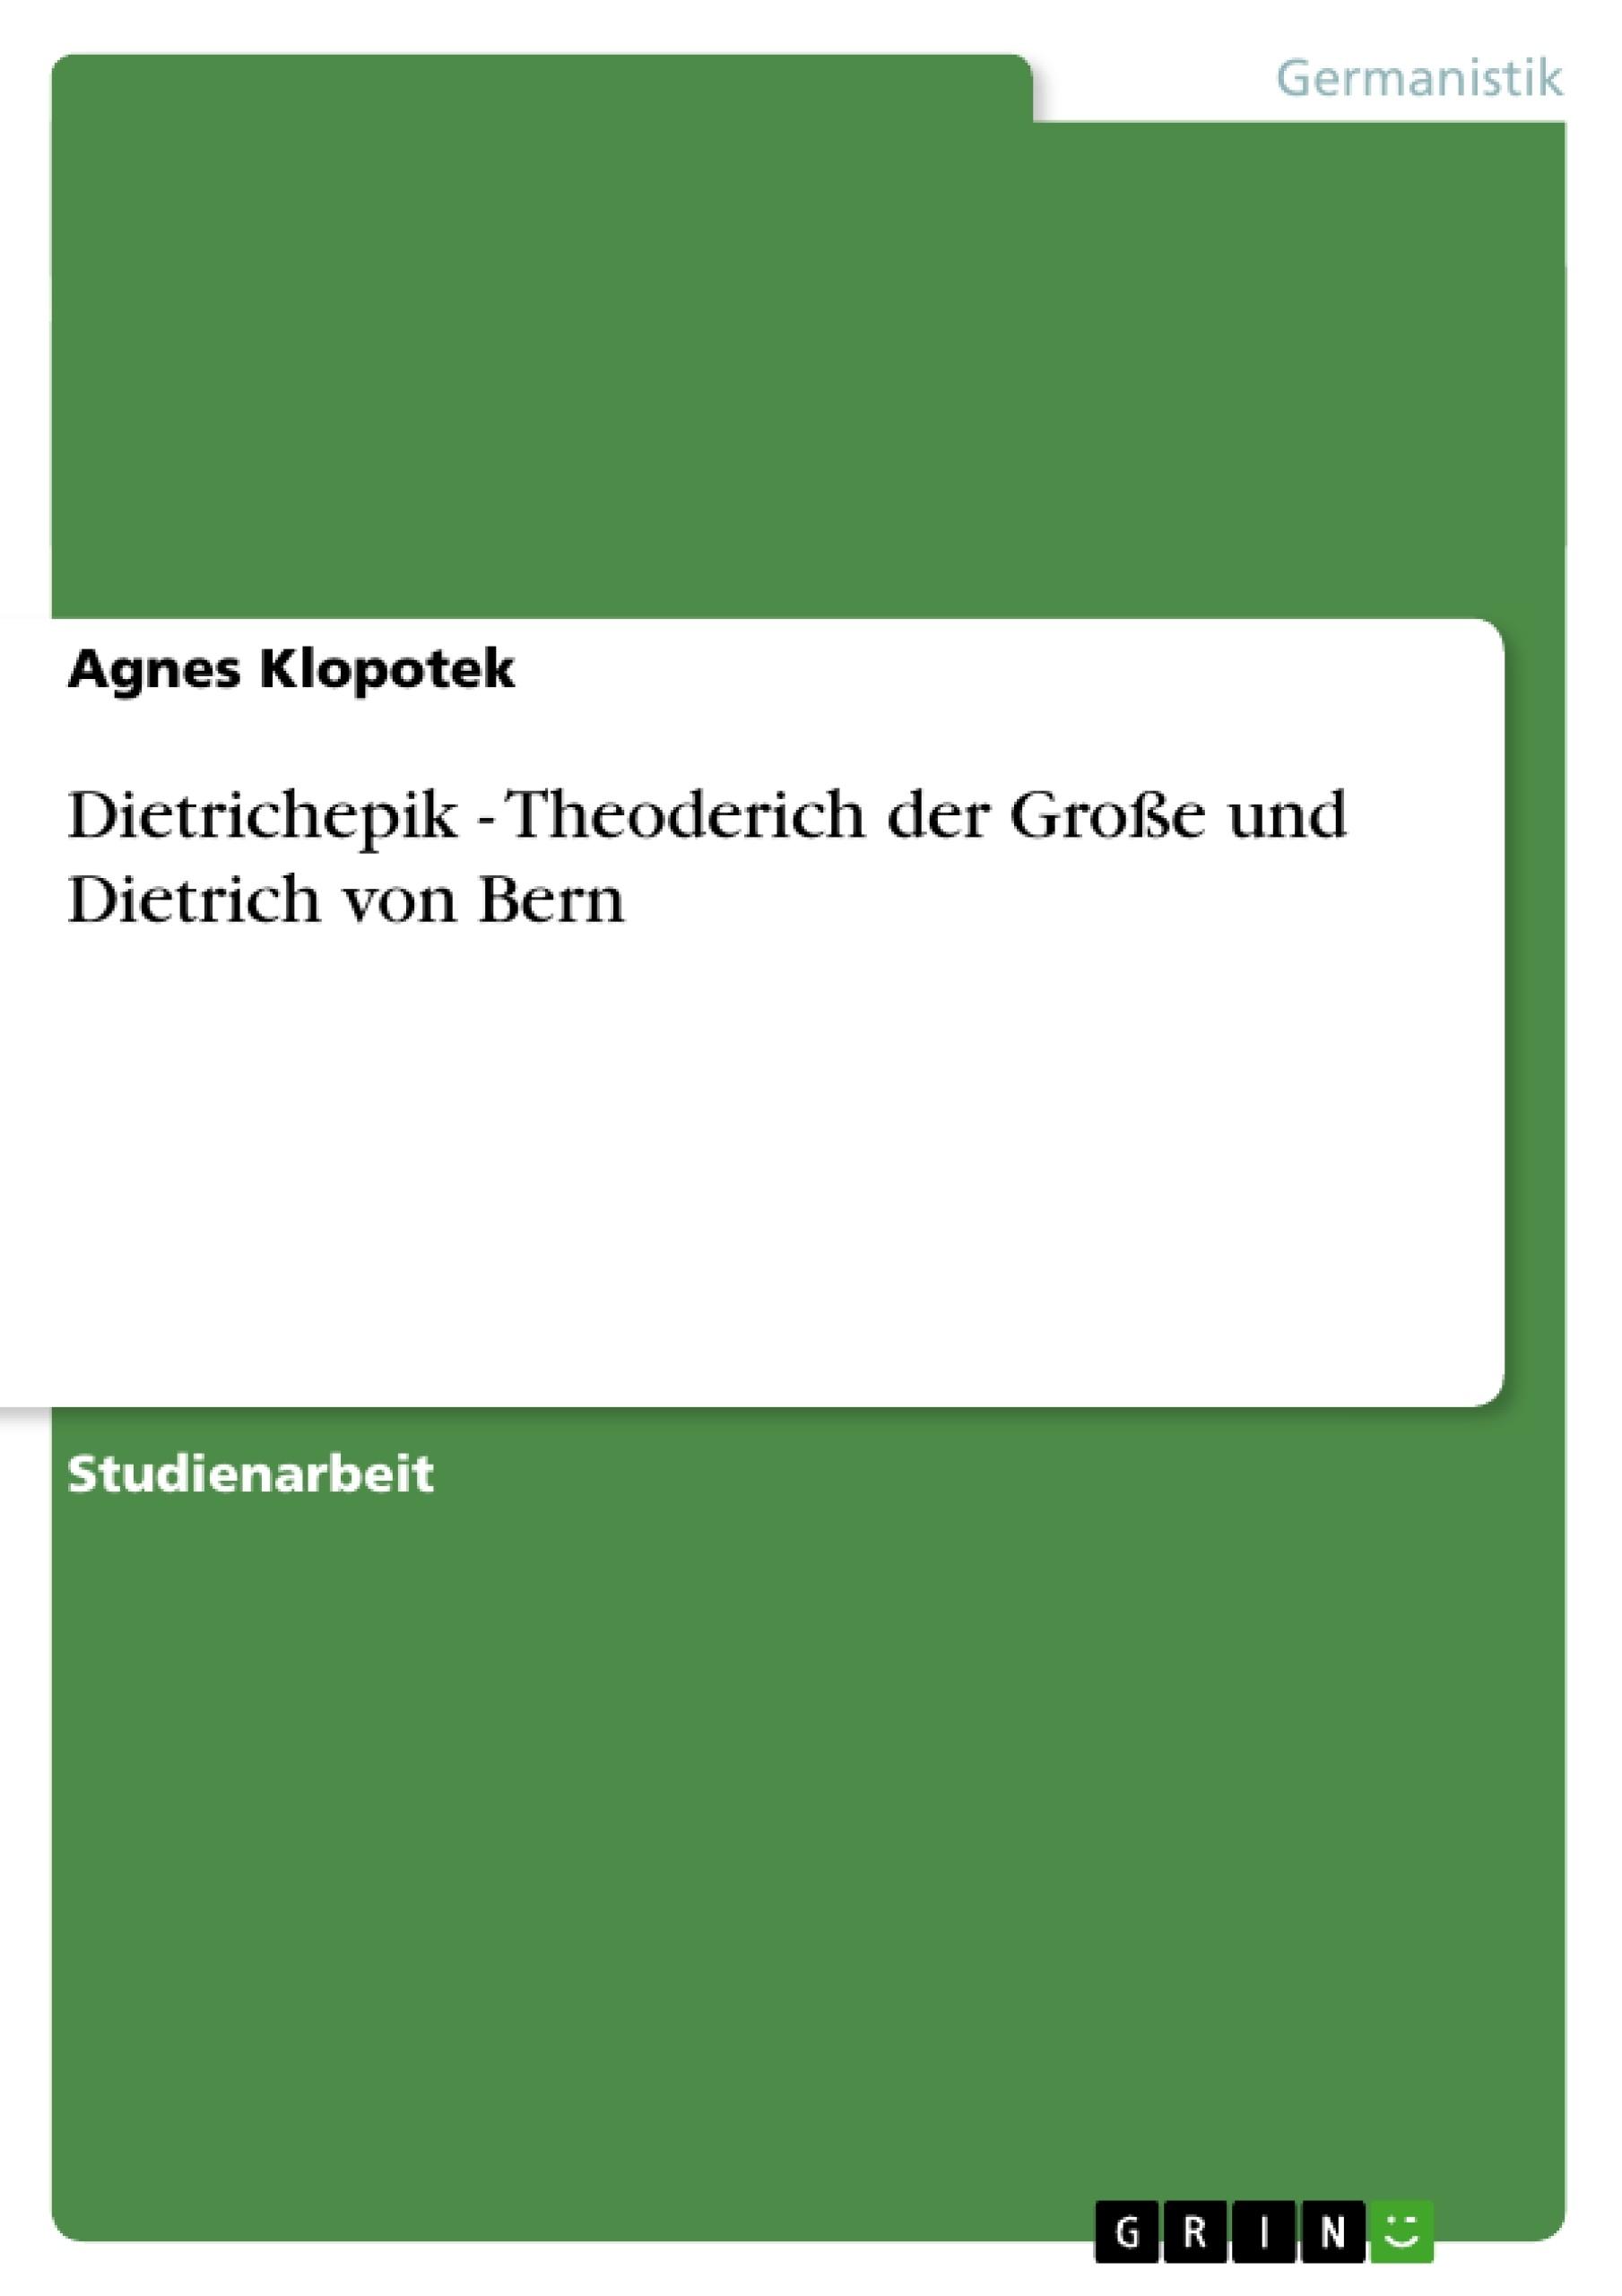 Titel: Dietrichepik - Theoderich der Große und Dietrich von Bern